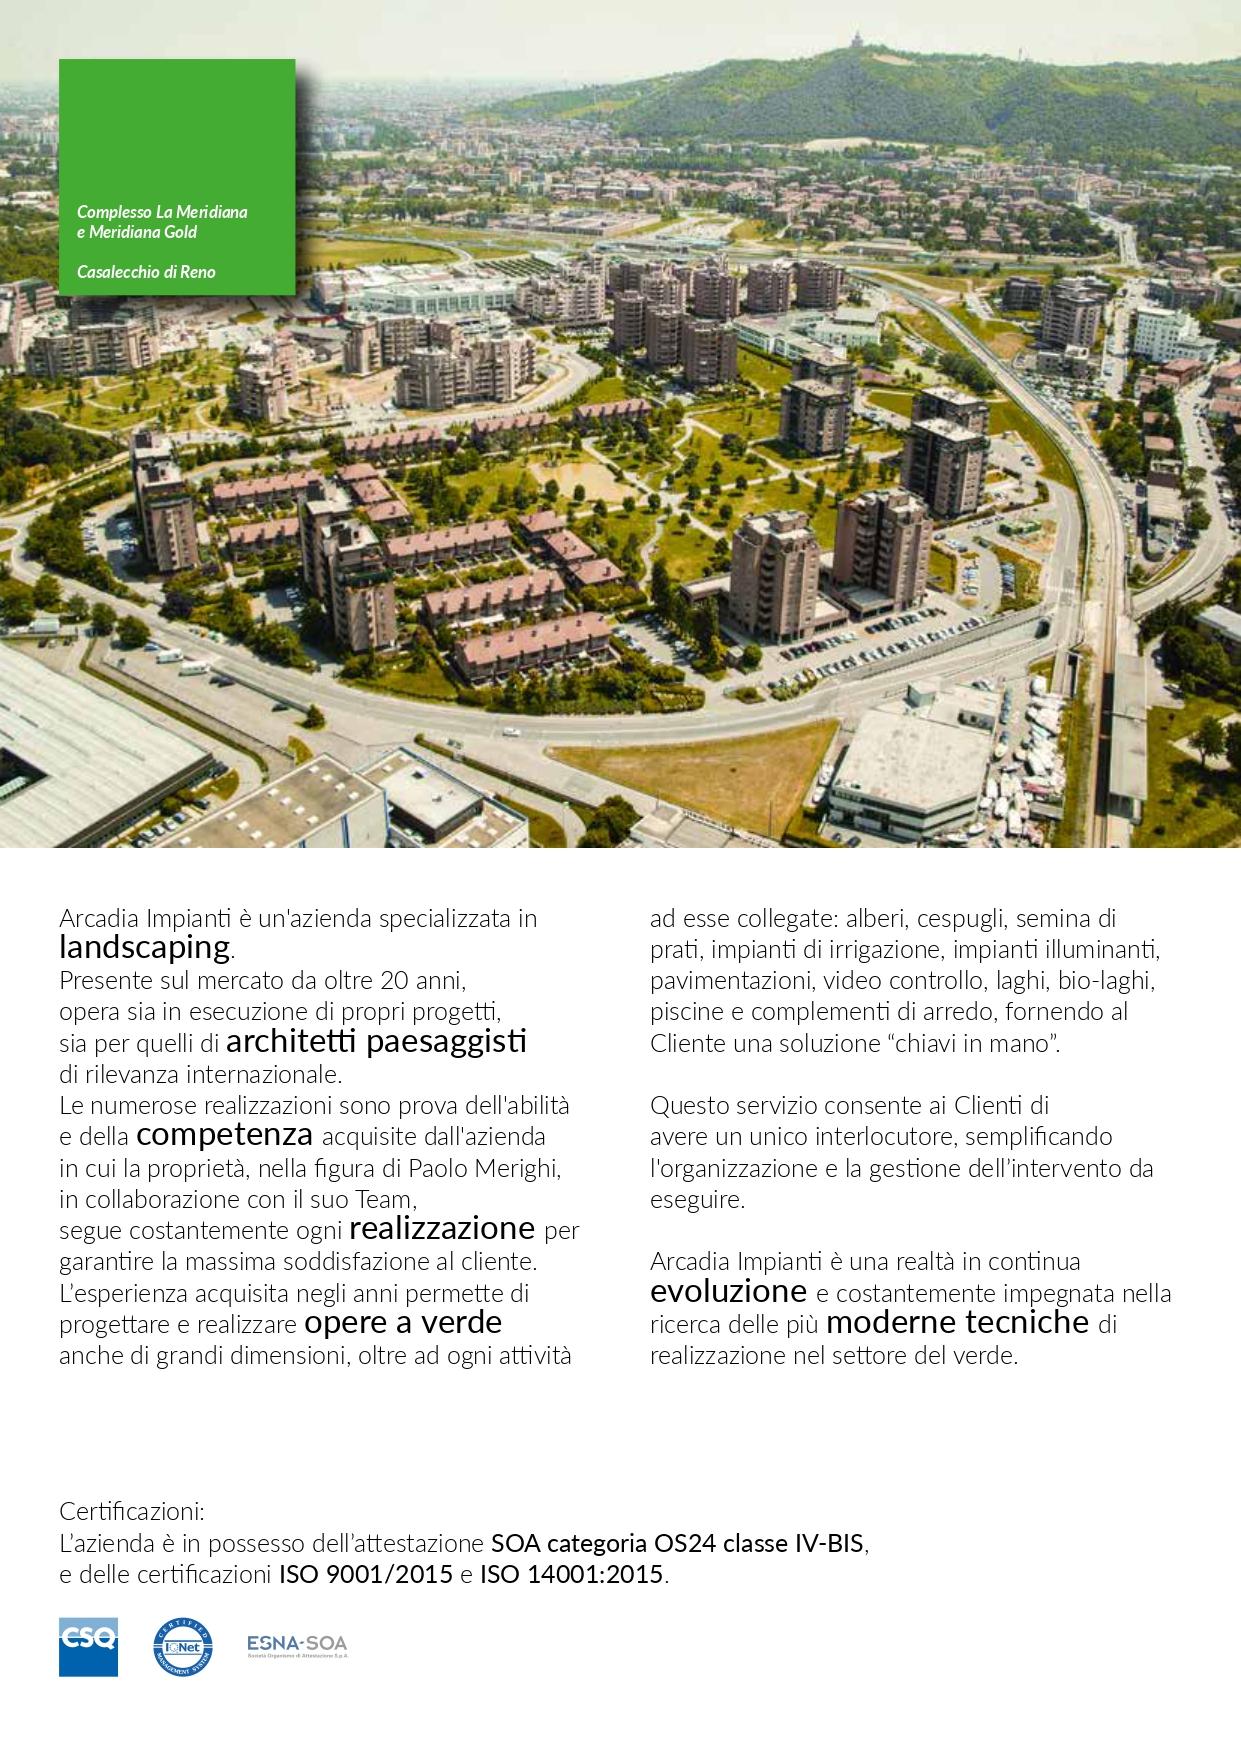 Presentazione Arcadia Impianti_page-0002